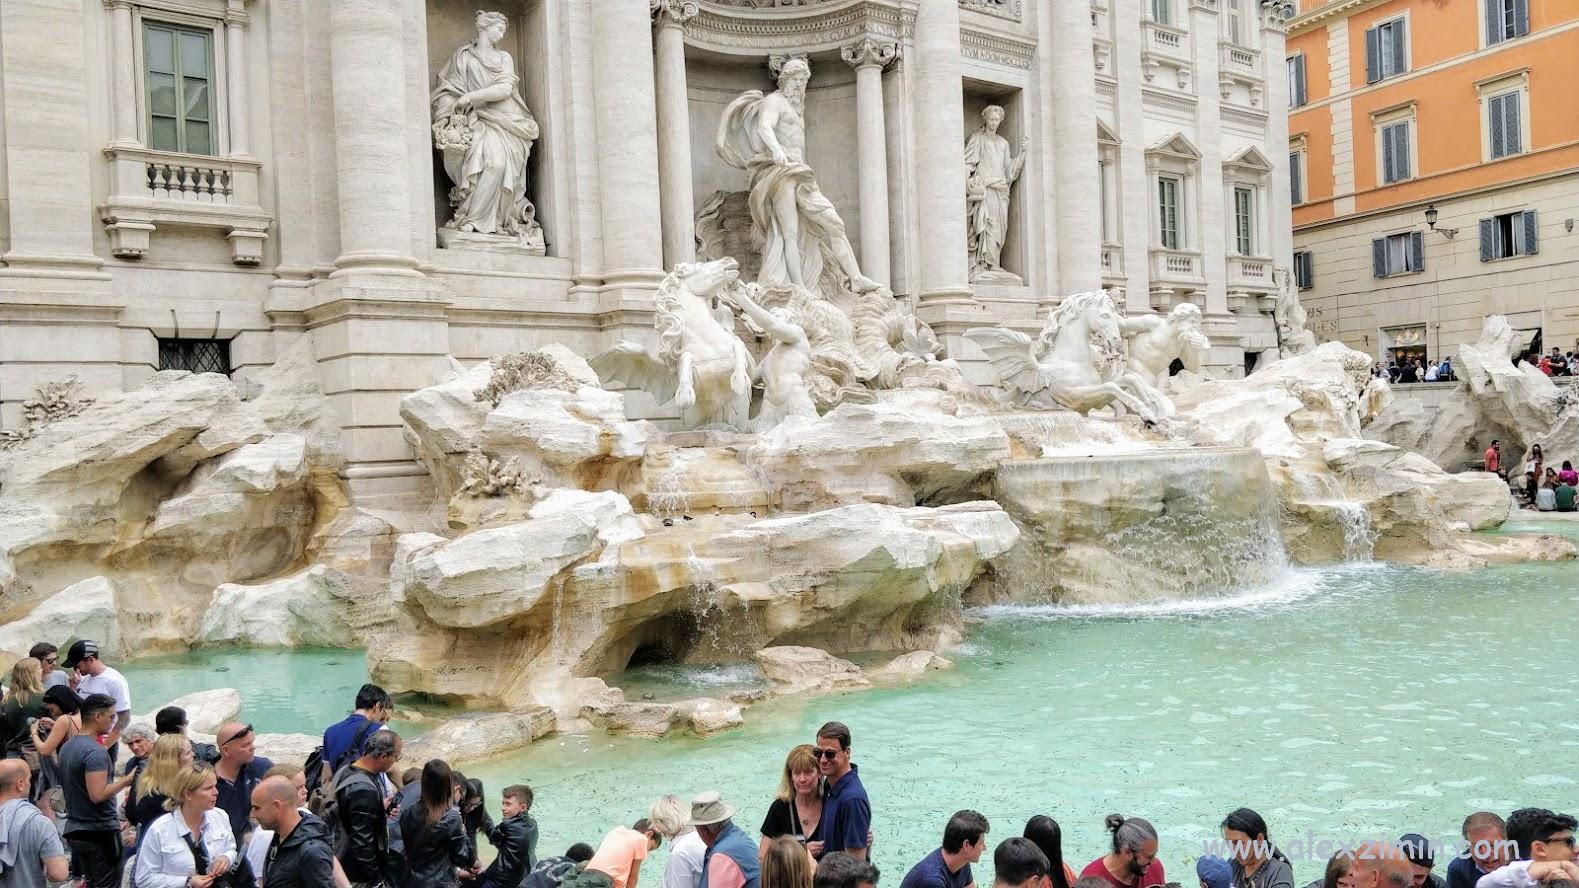 На экскурсии по Риму. Фонтаны Треви